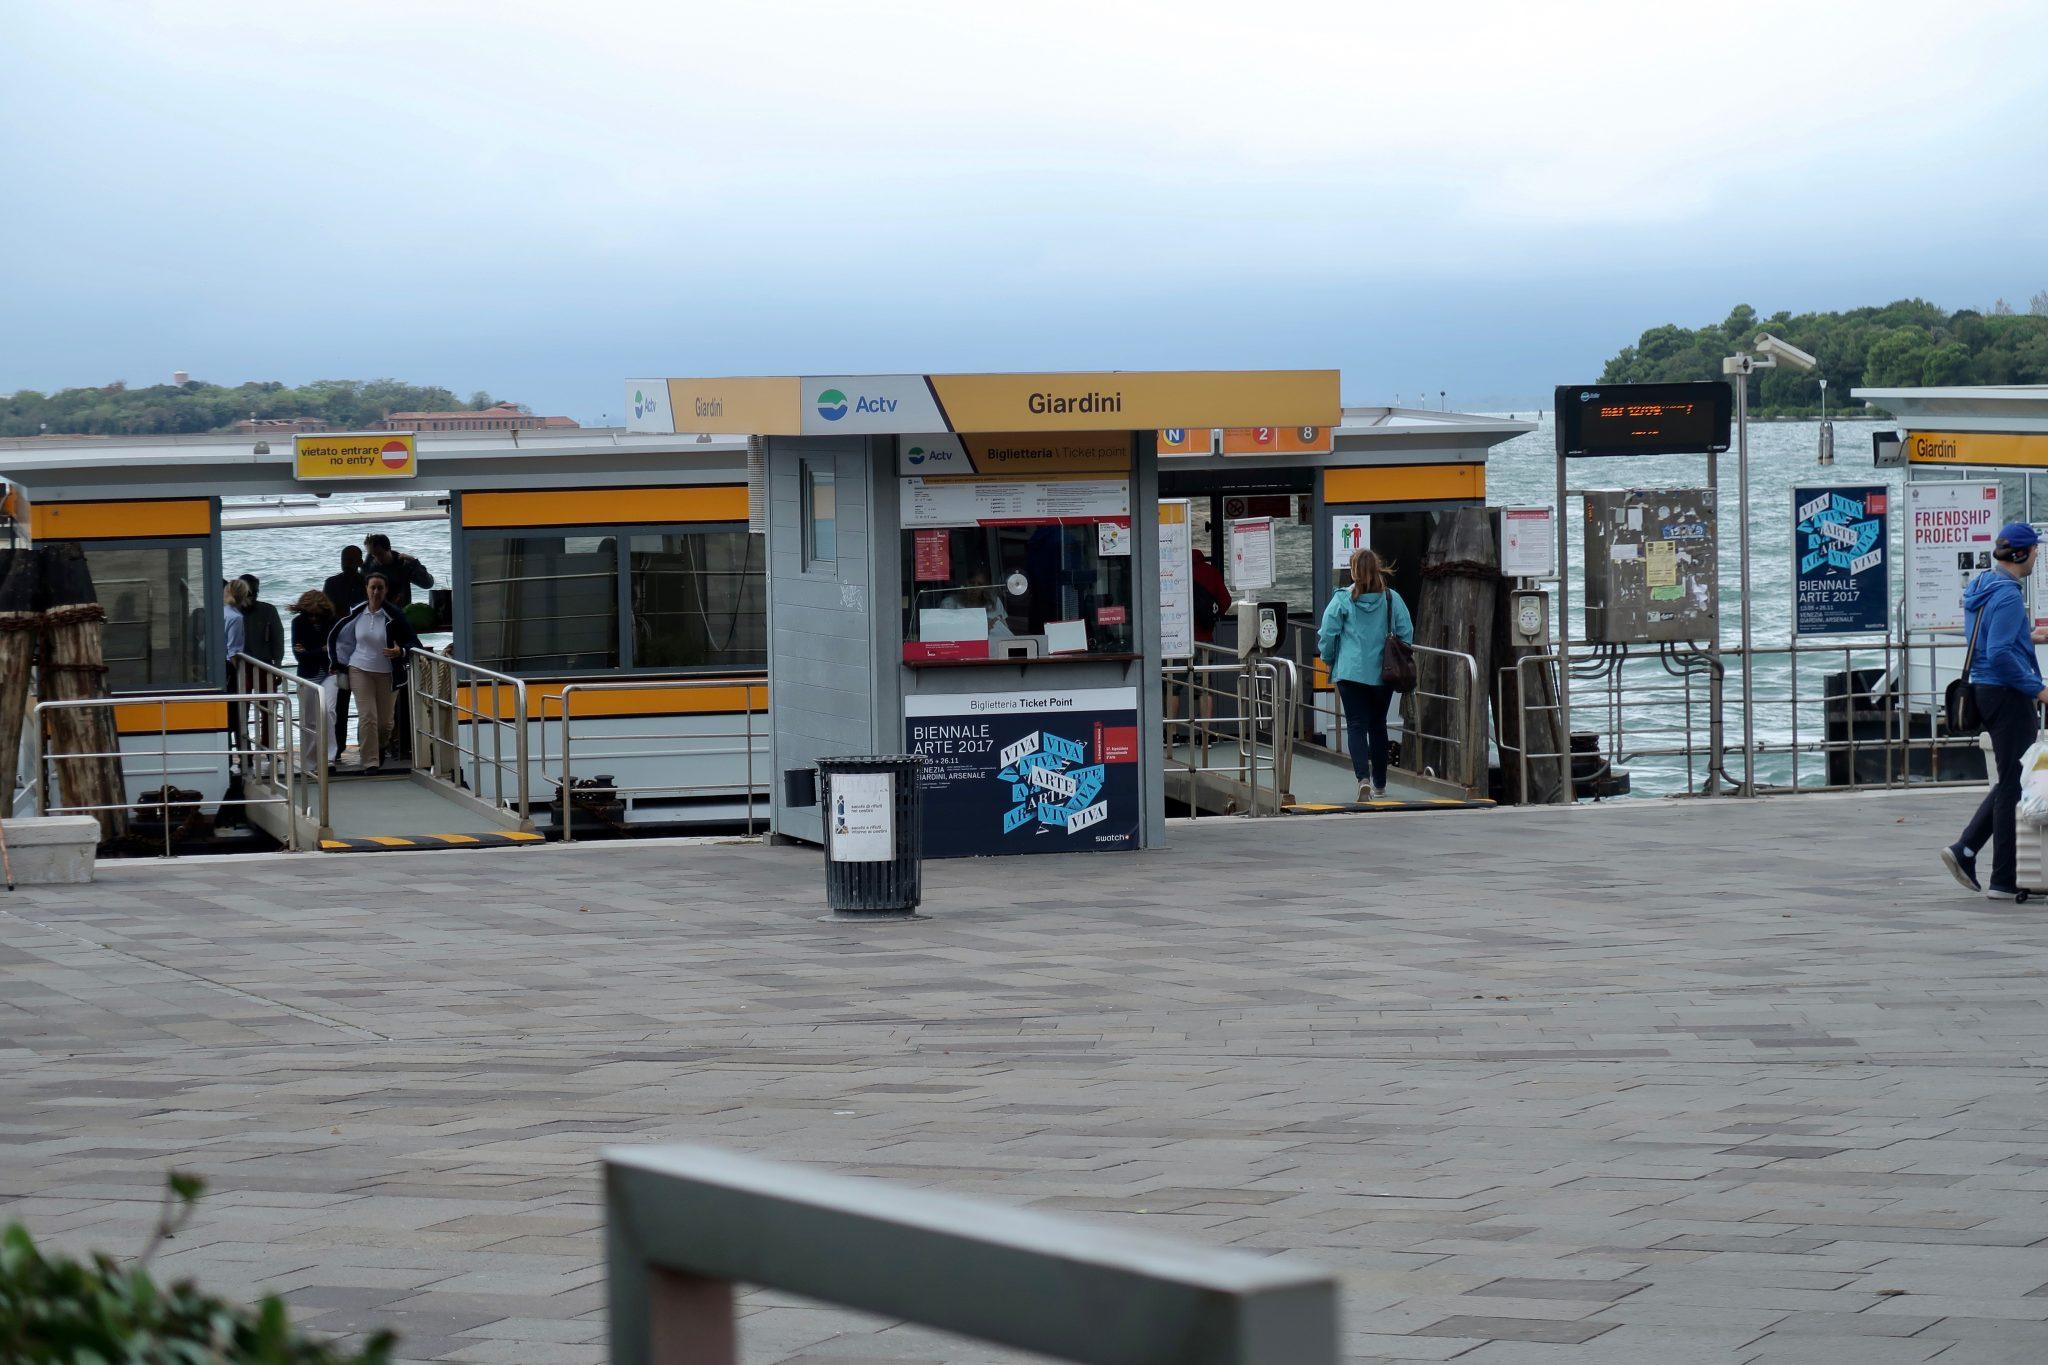 Venedig: Du hast dich gefragt, wie wohl die Bootshaltestellen aussehen? Sie sind natürlich auf dem Wasser gebaut und können ganz schön wackeln... In der Mitte ist der Fahrkartenverkäufer, bei welchem du dein Ticket kaufen kannst.